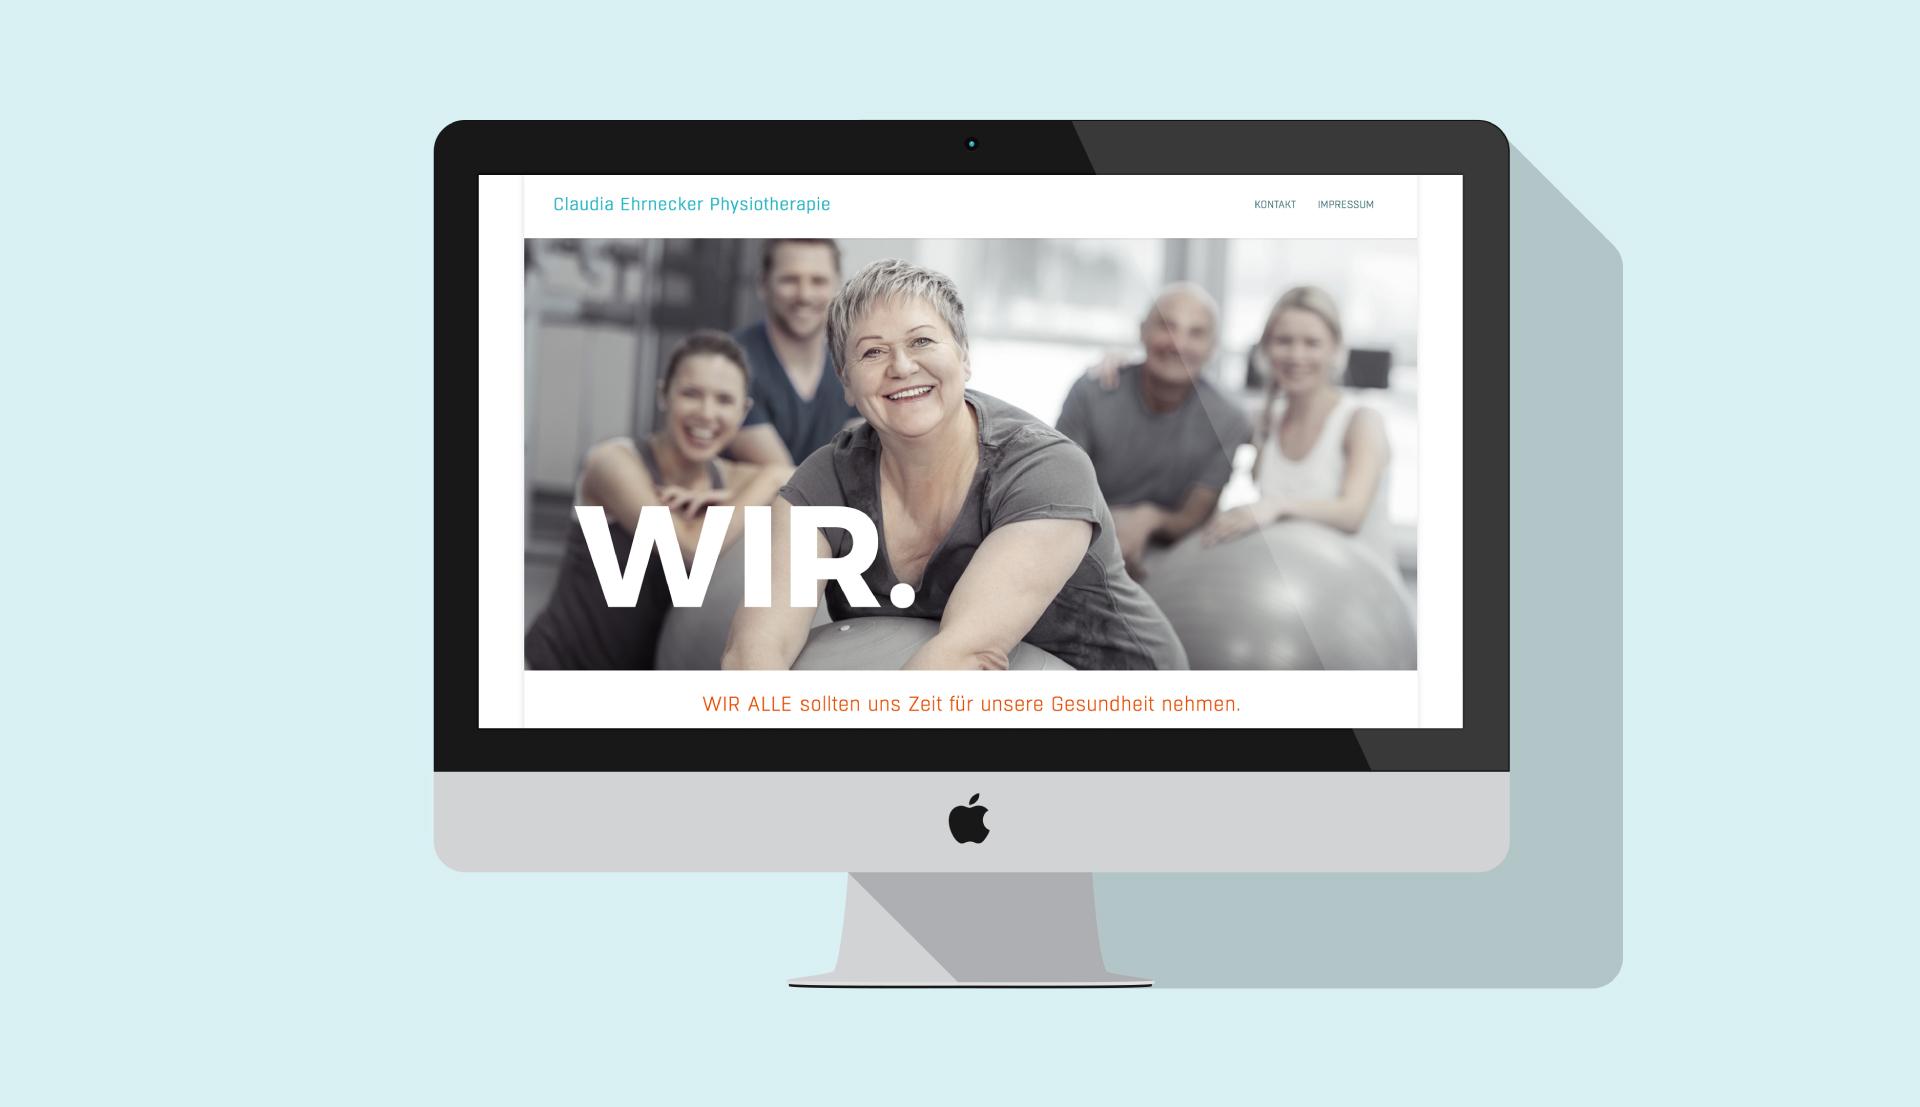 Website Physiotherapie und Ernährung am Beispiel Desktop